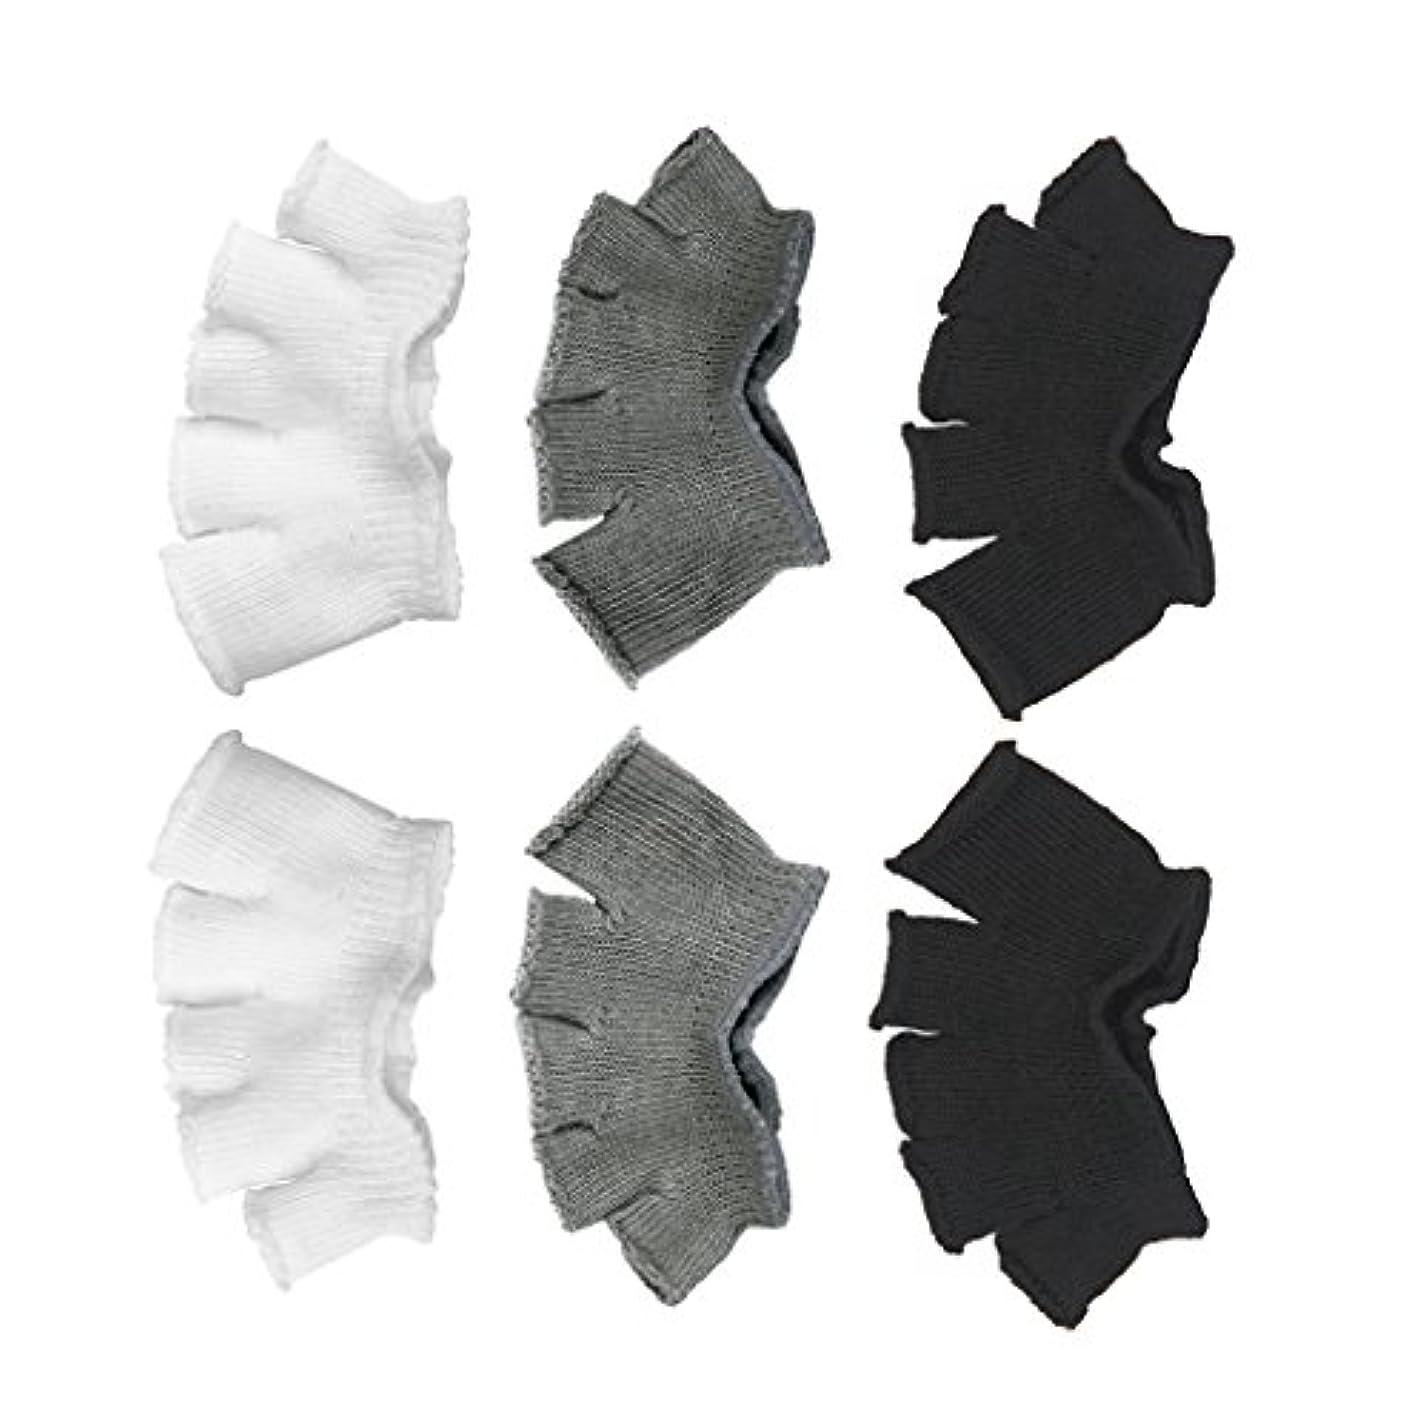 退却ウィスキー野心的Footful 5本指カバー 爽快指の間カバー 3色(12枚入) 6ペア 男女兼用 足の臭い対策 抗菌 防臭 フットカバー ブラック/ホワイト/グレー